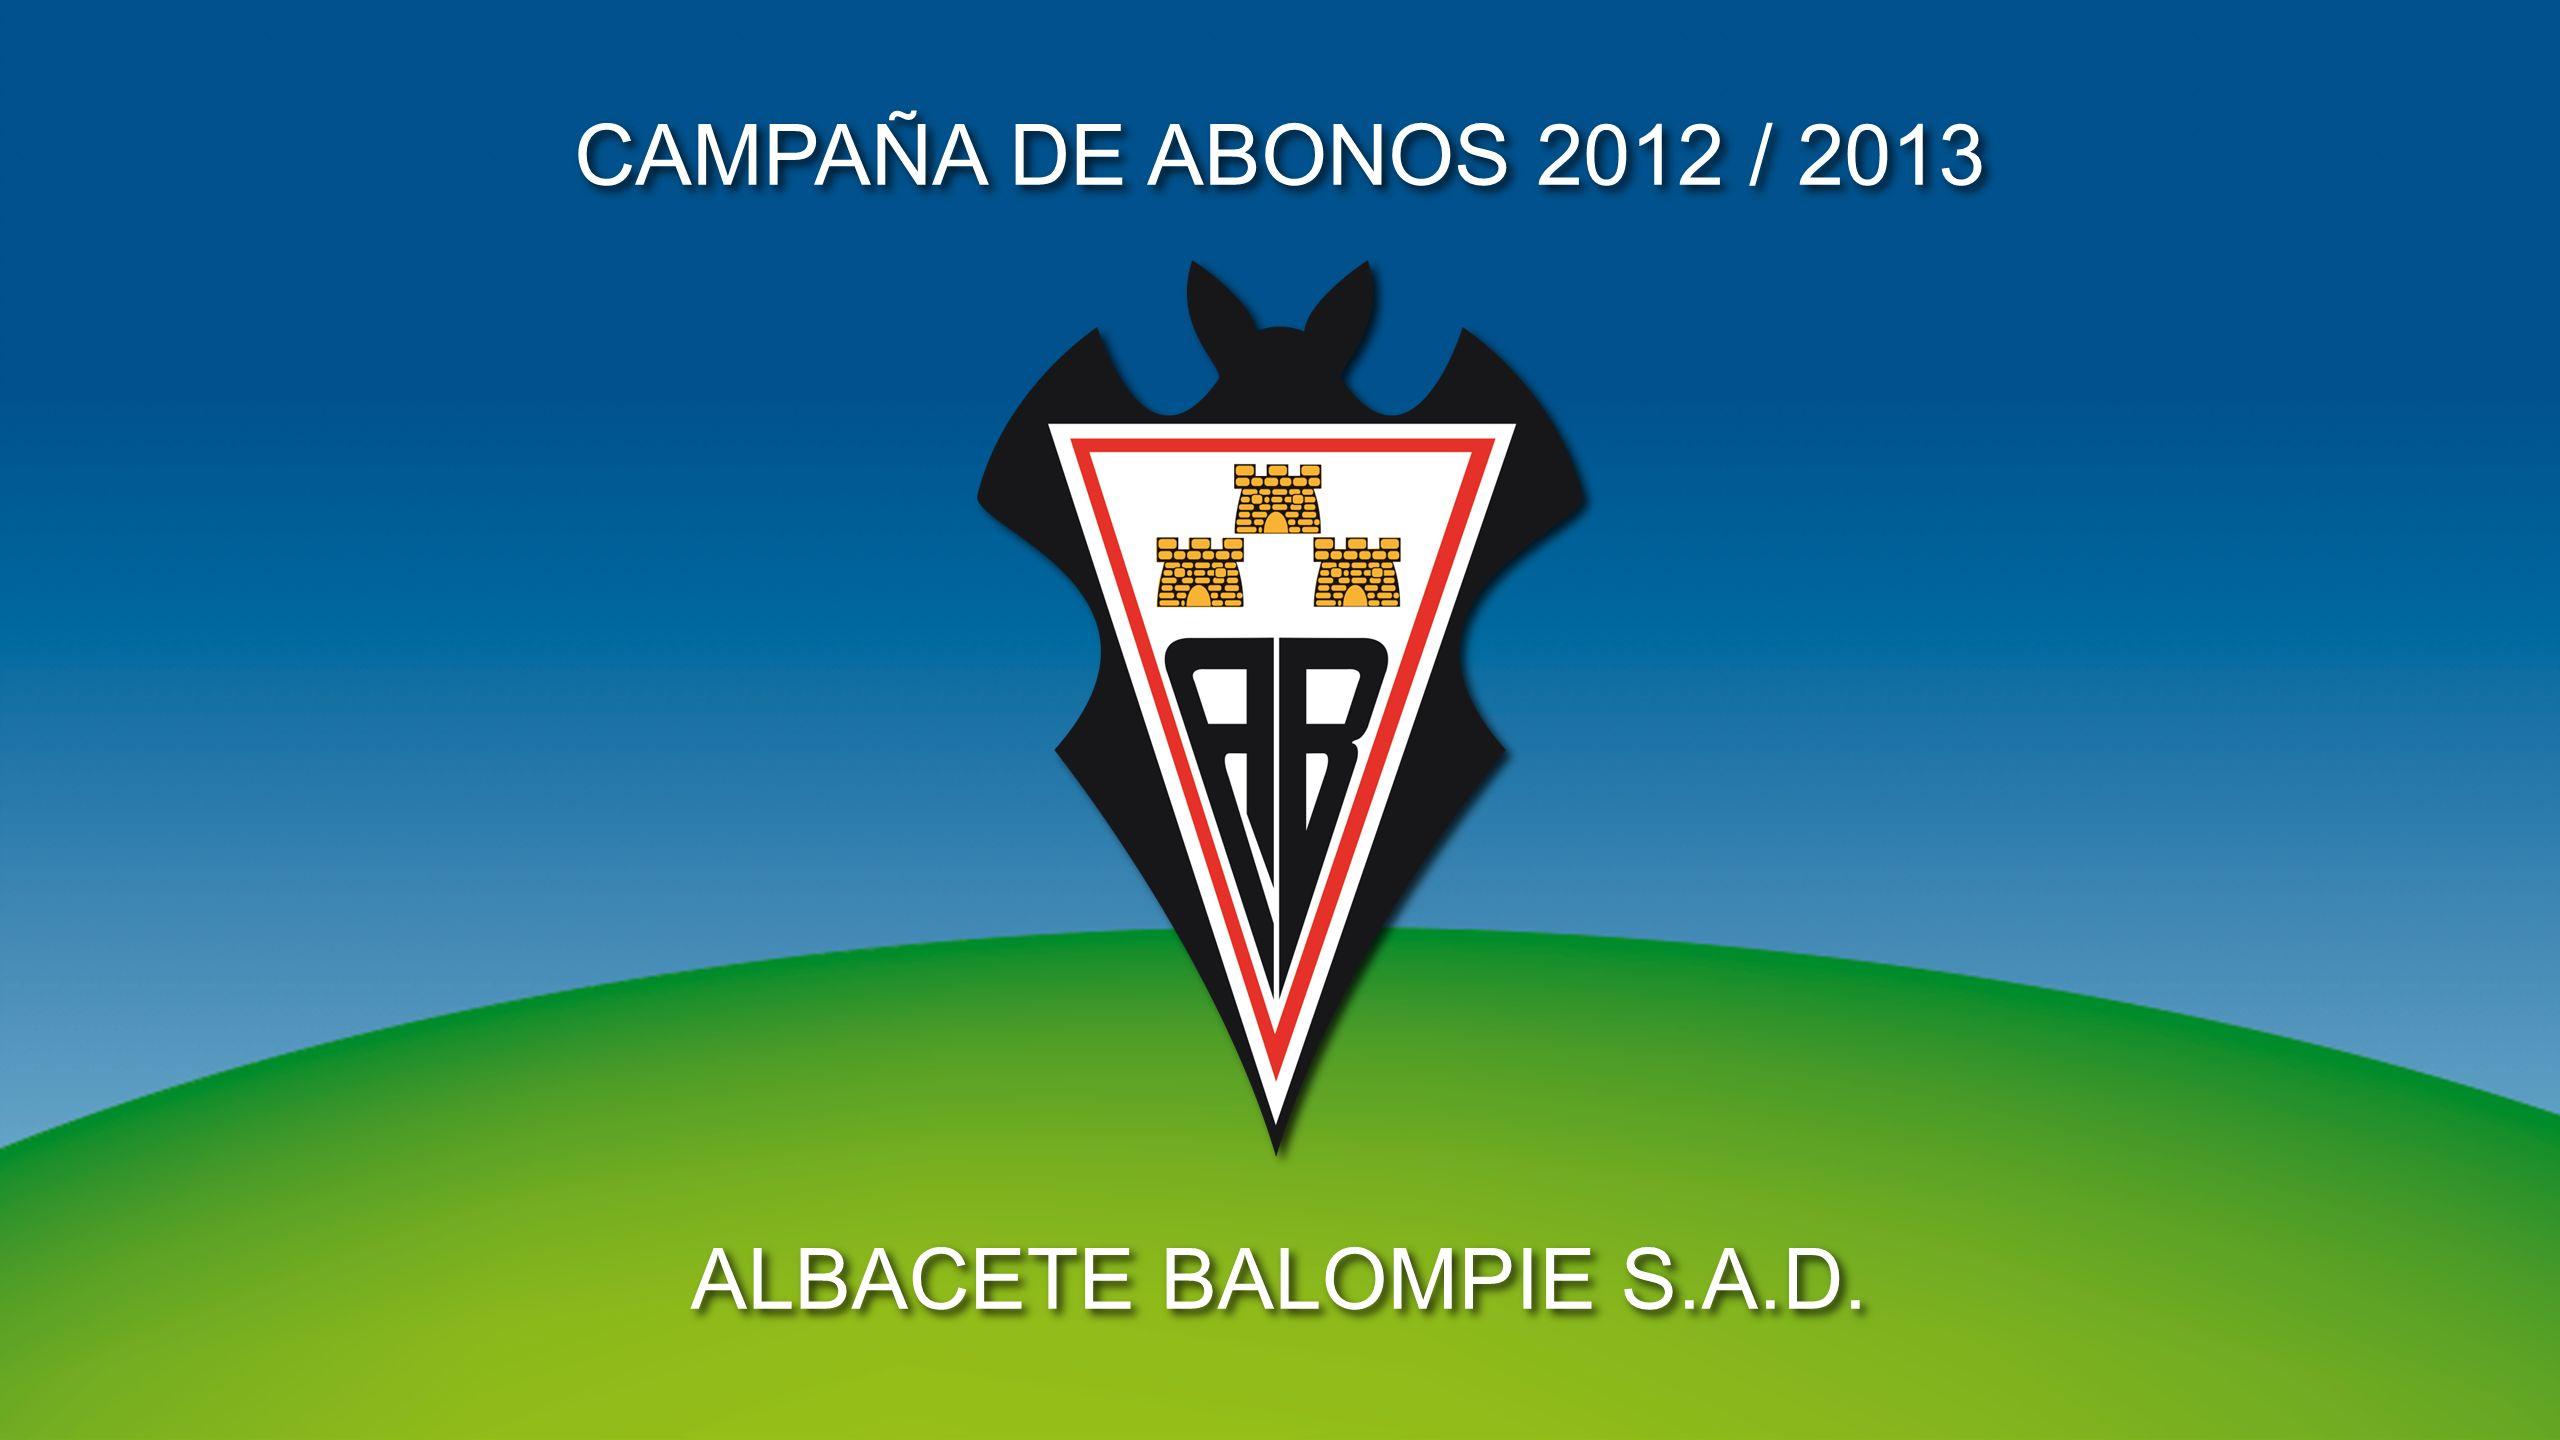 SPOT CAMPAÑA DE ABONOS 2012 / 2013